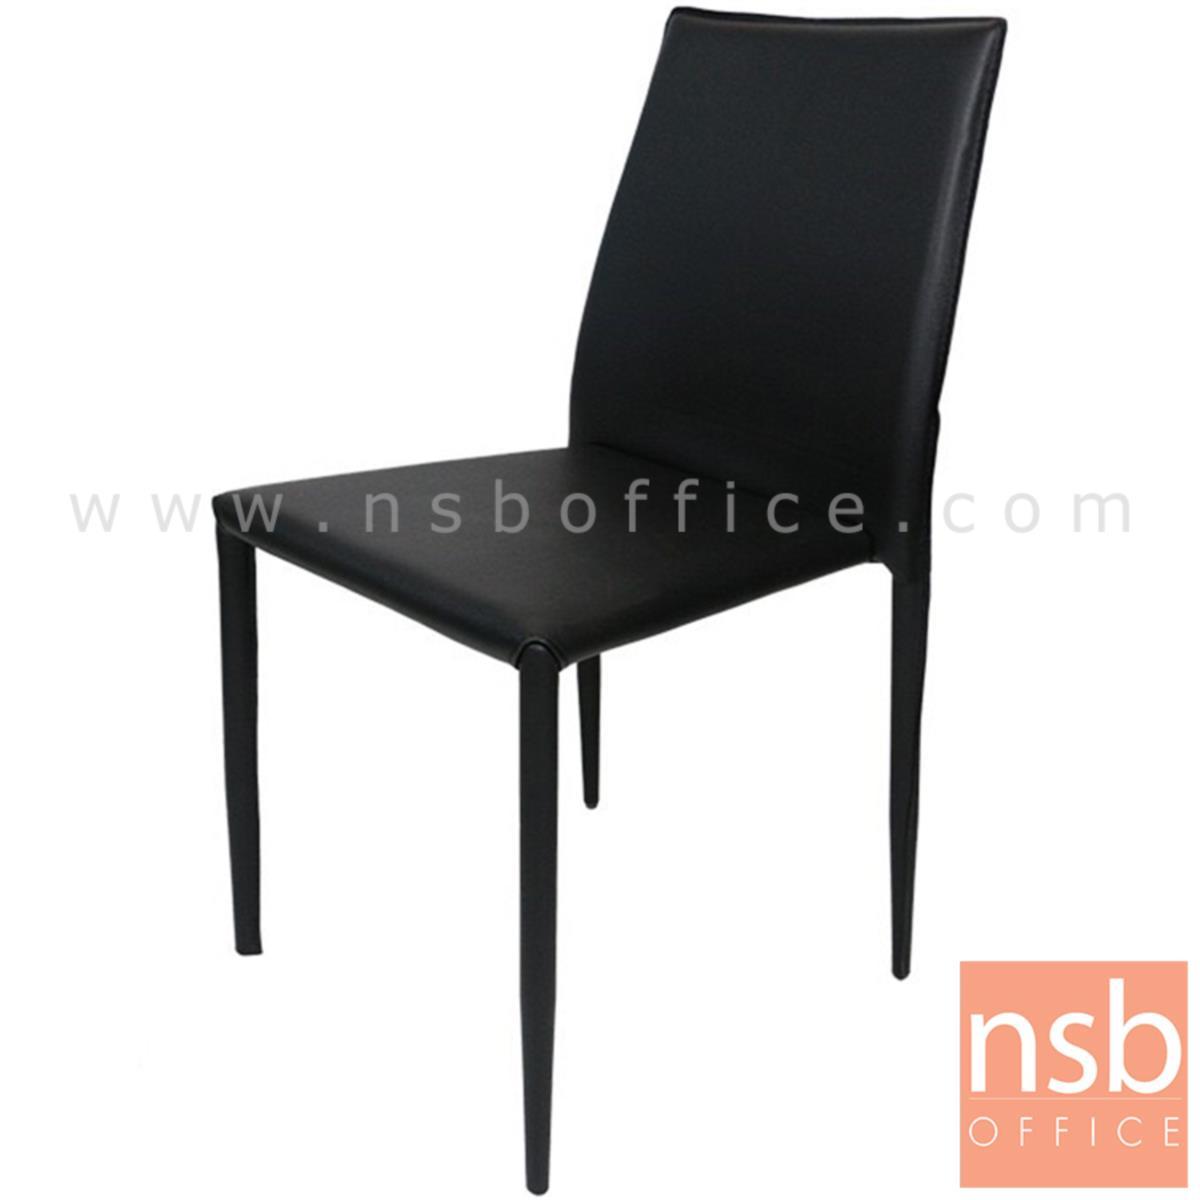 B22A119:เก้าอี้เหล็กที่นั่งหุ้มหนังเทียม รุ่น Domino (โดมิโน)  ขาเหล็กหุ้มหนัง